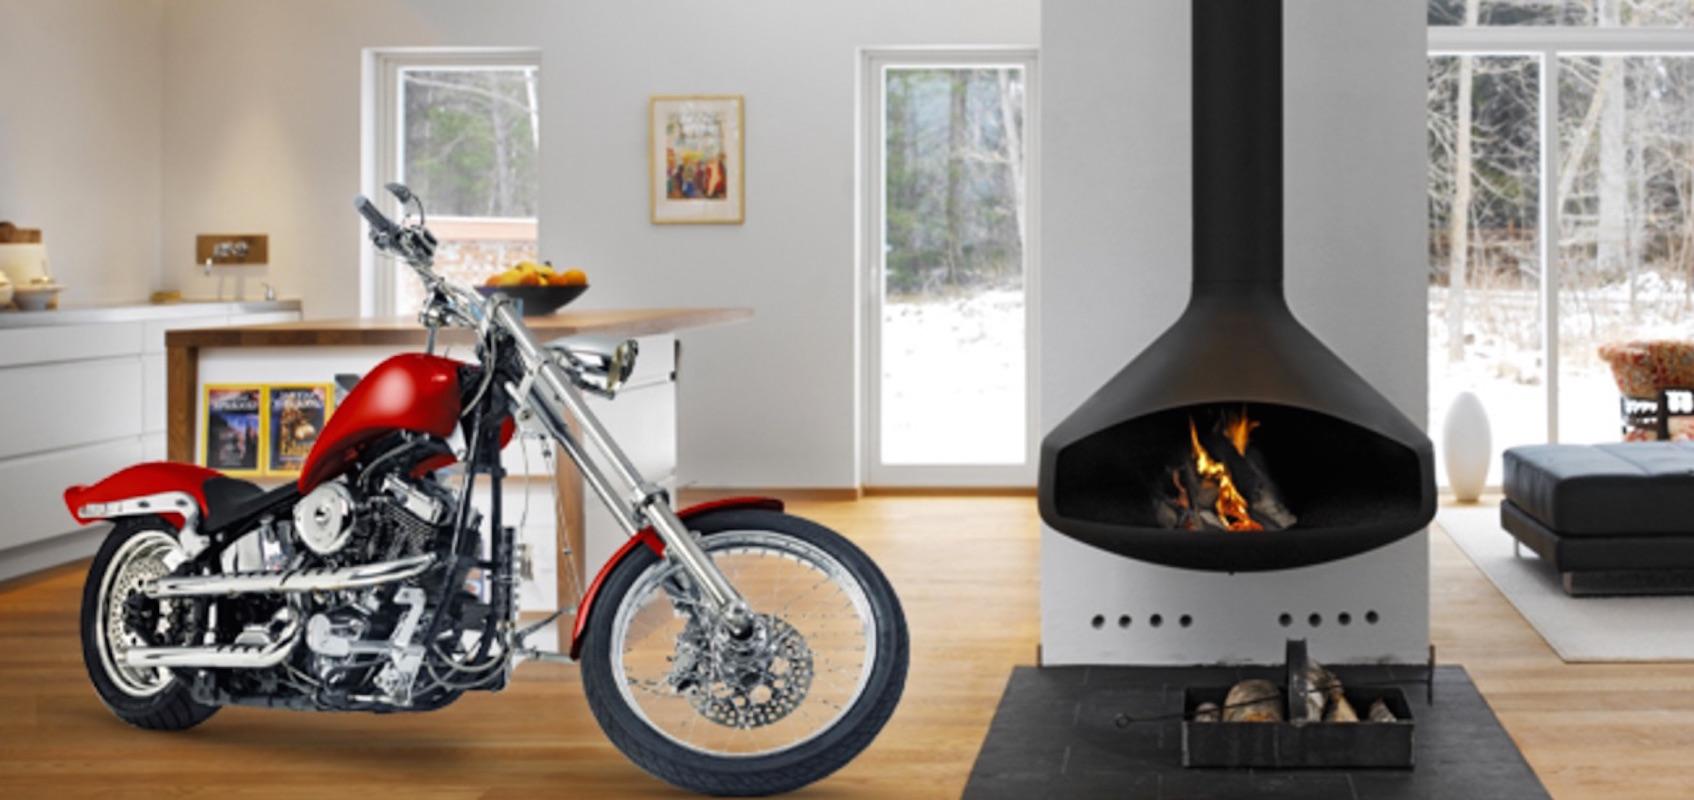 L 39 hibernation de votre moto mode d 39 emploi actu moto for Probleme humidite garage